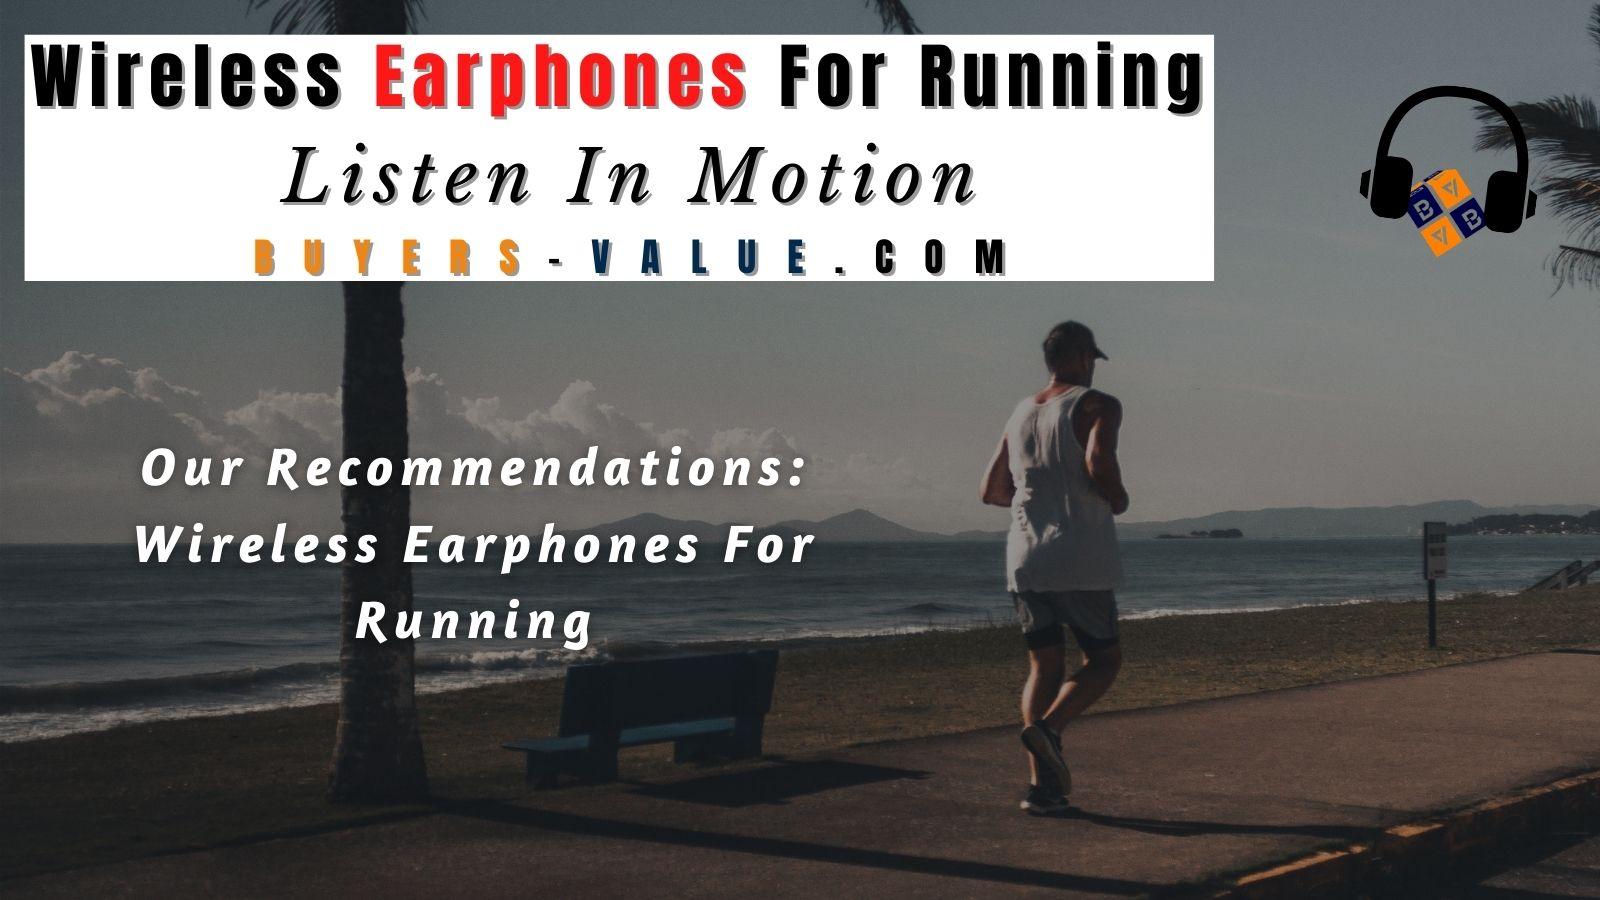 Wireless Earphone For Running